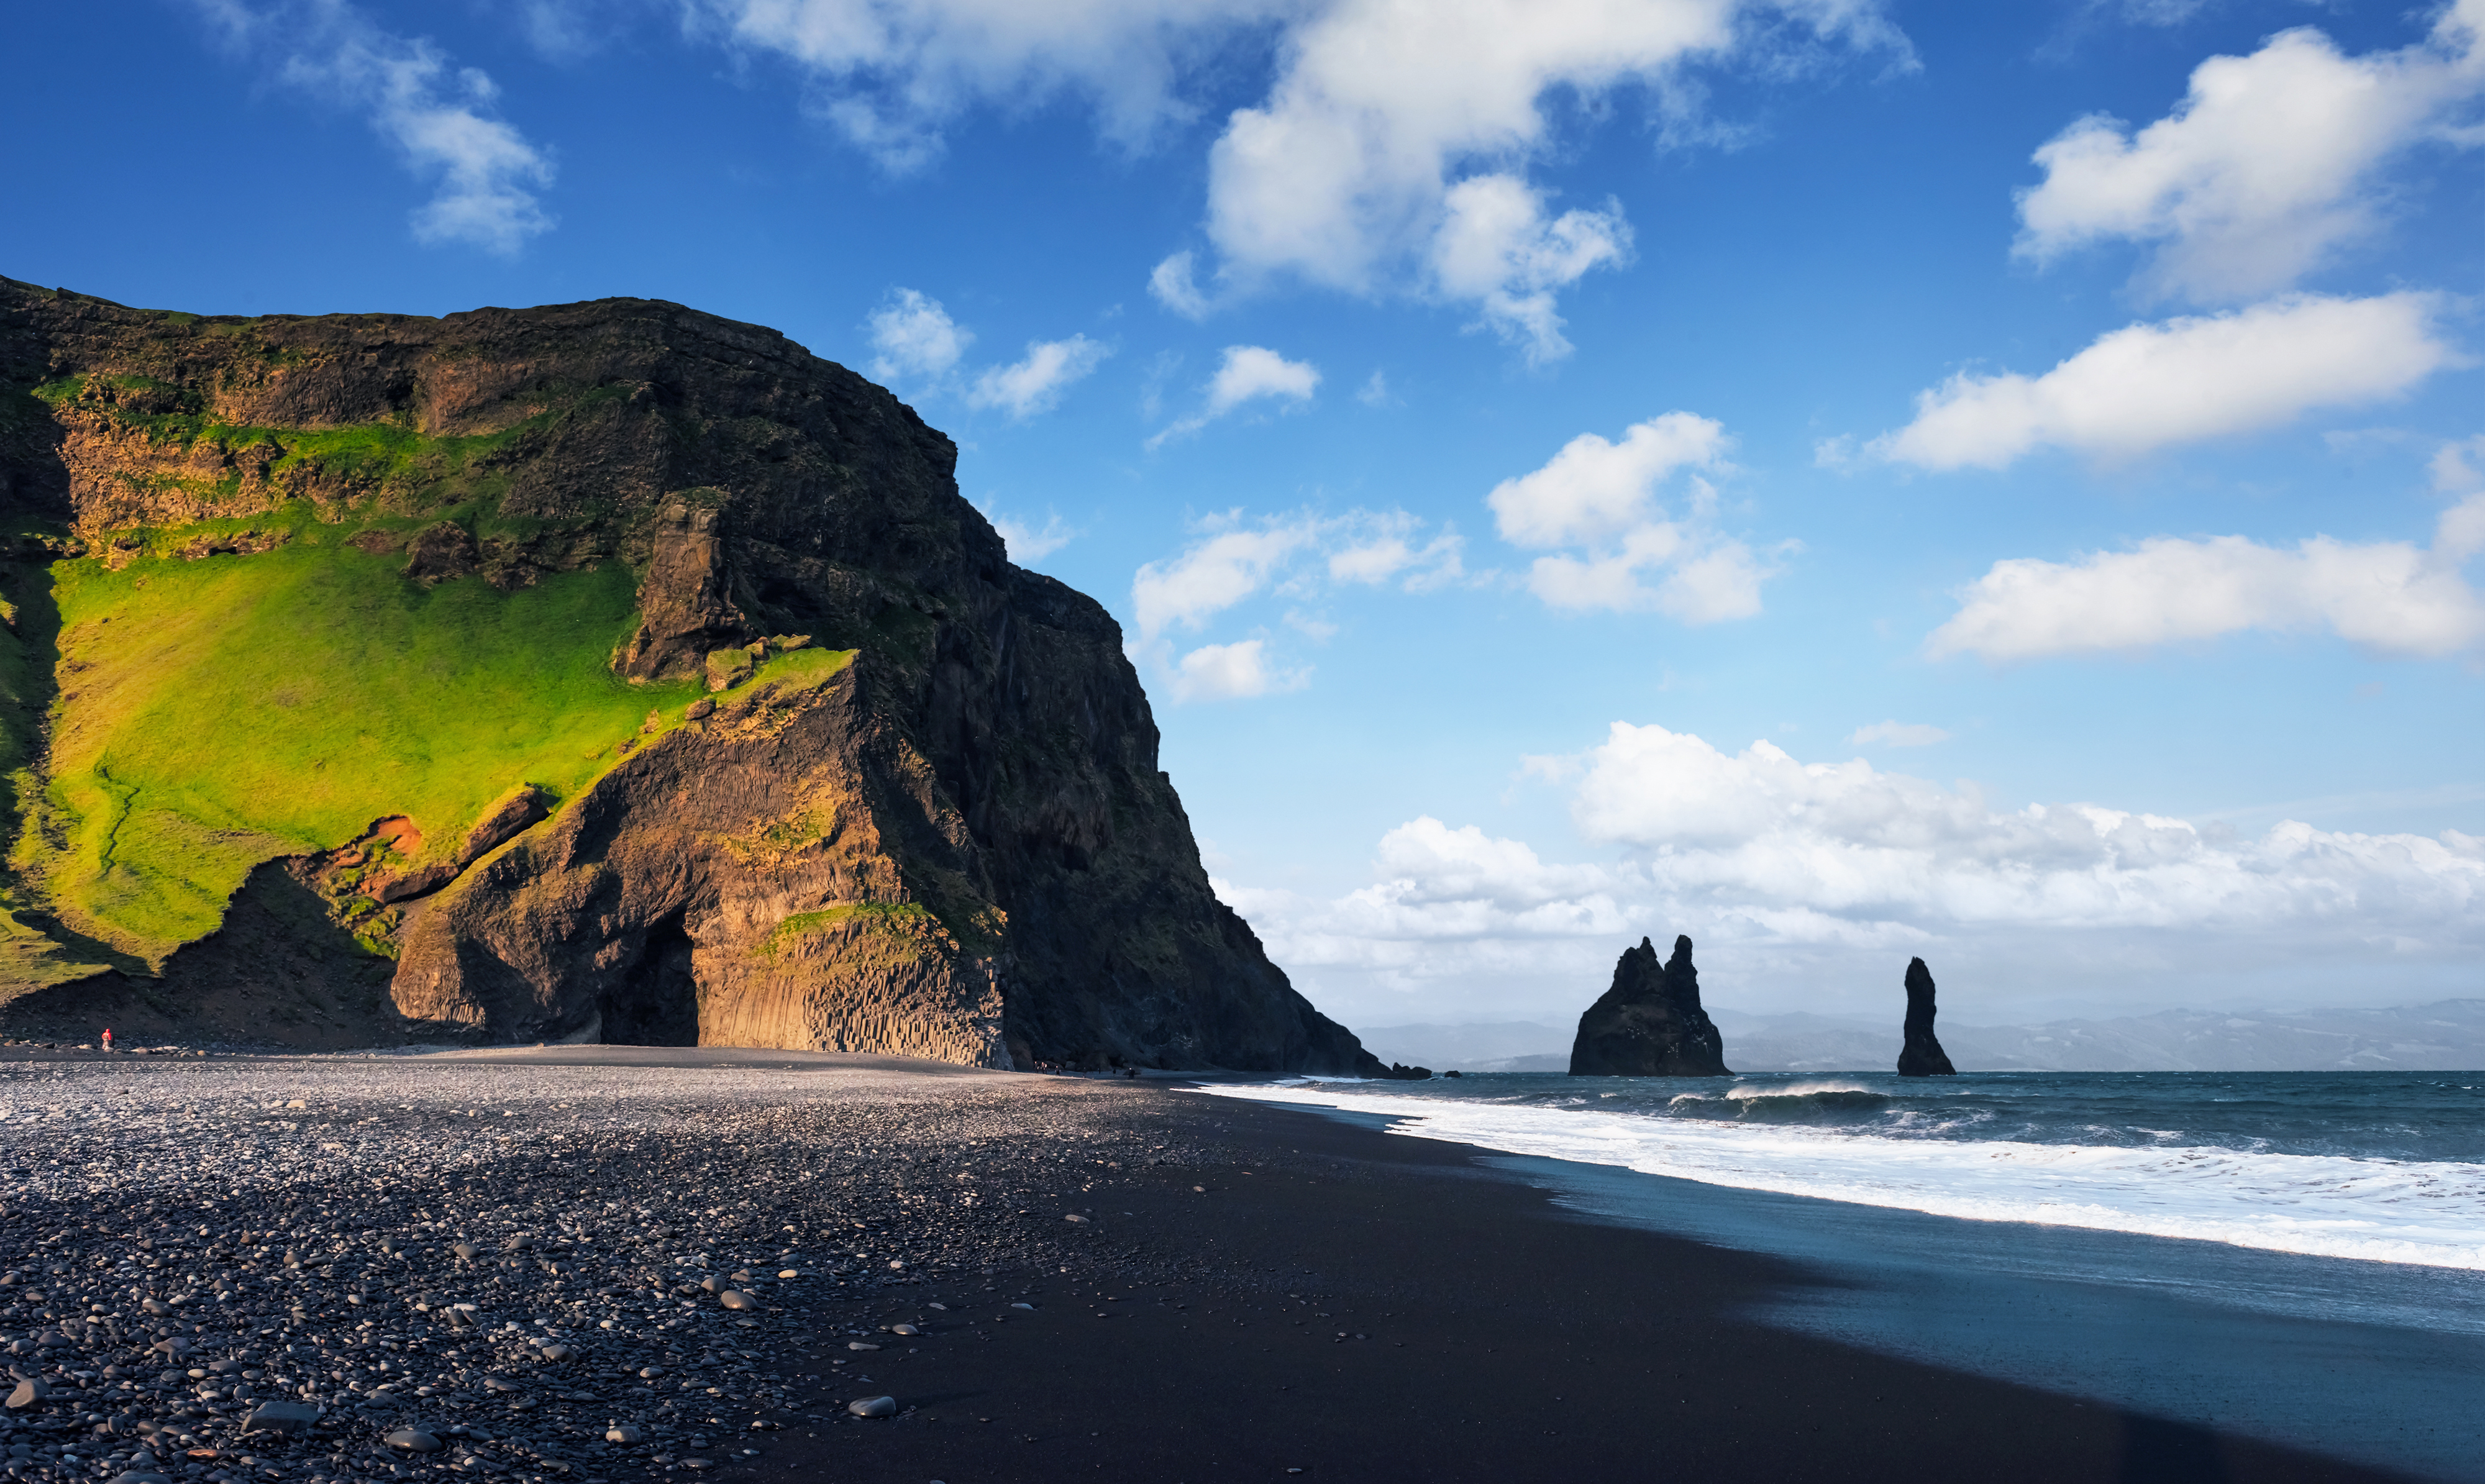 En 1991, National Geographic votó a Reynisfjara como una de las 10 mejores playas no tropicales para visitar en el planeta. Reynisfjara se encuentra a unos 180 kilómetros (112 millas) de la capital de Islandia, Reykjavík , y es una parada popular para aquellos que realizan un recorrido turístico por la popular costa sur